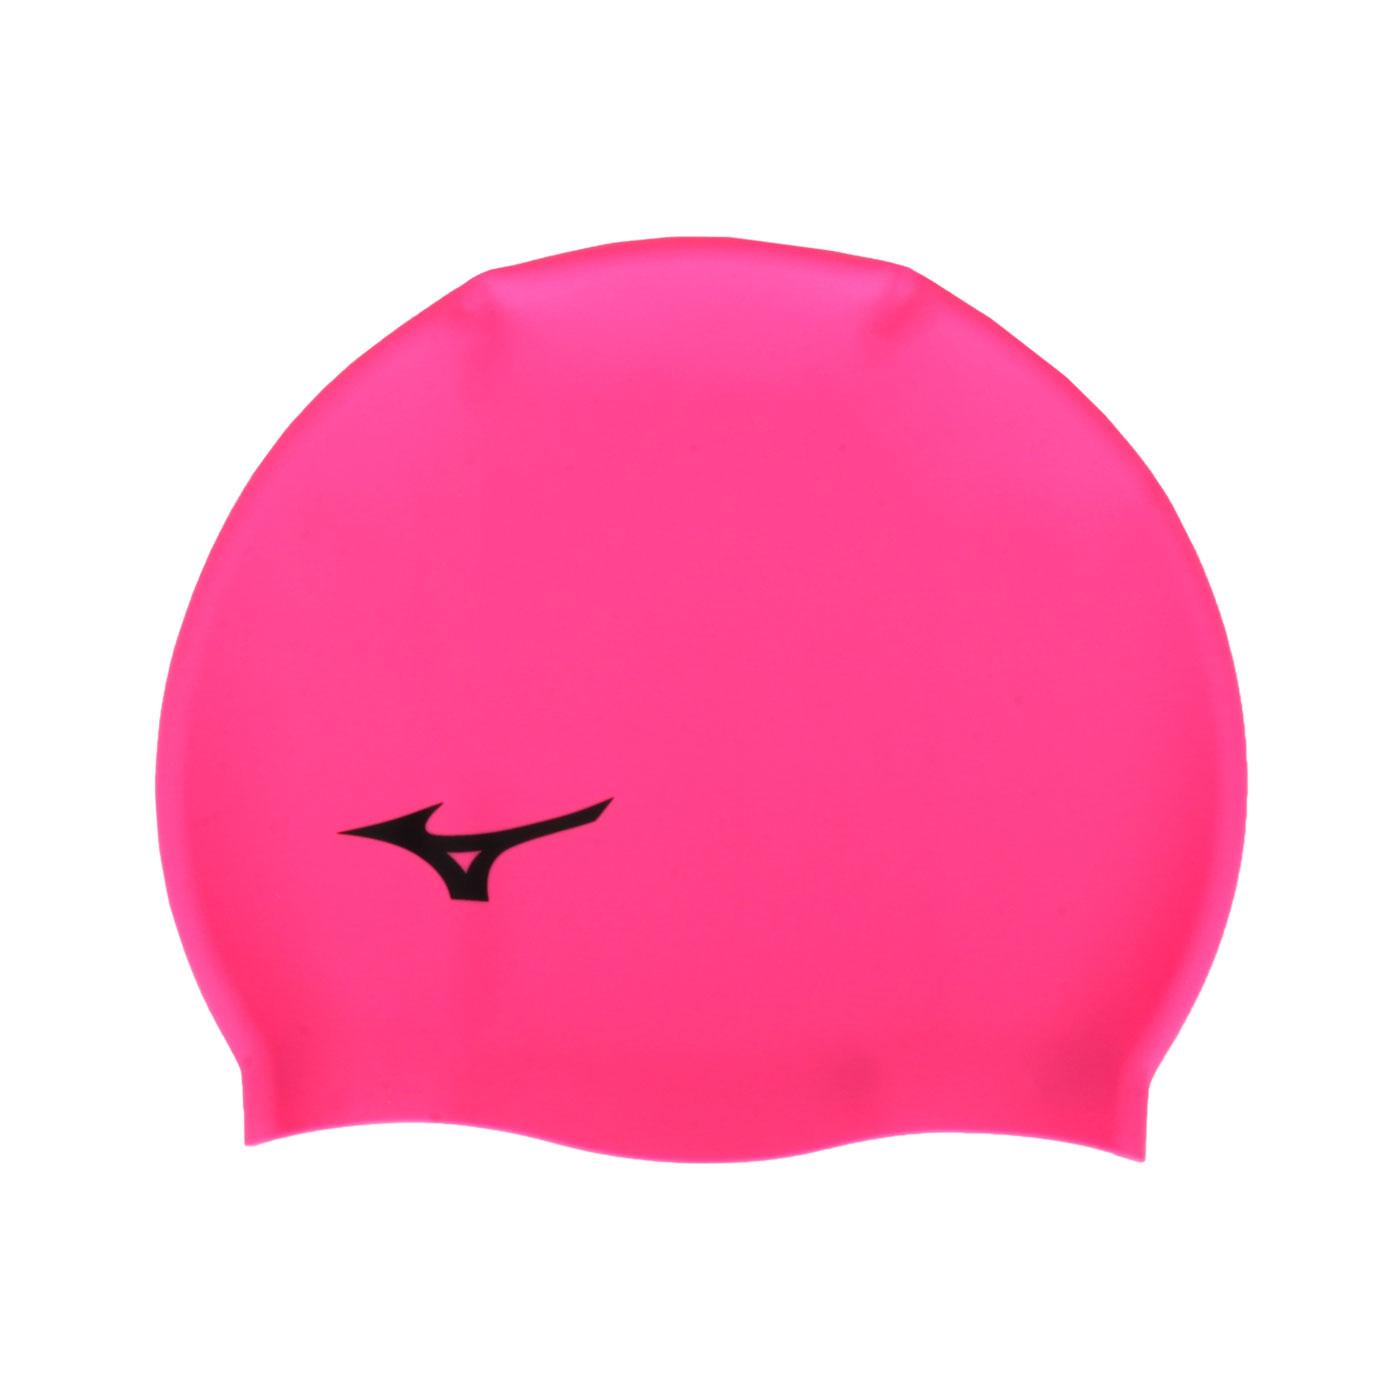 MIZUNO 矽膠泳帽  SWIMN2JW914000-64 - 桃紅黑